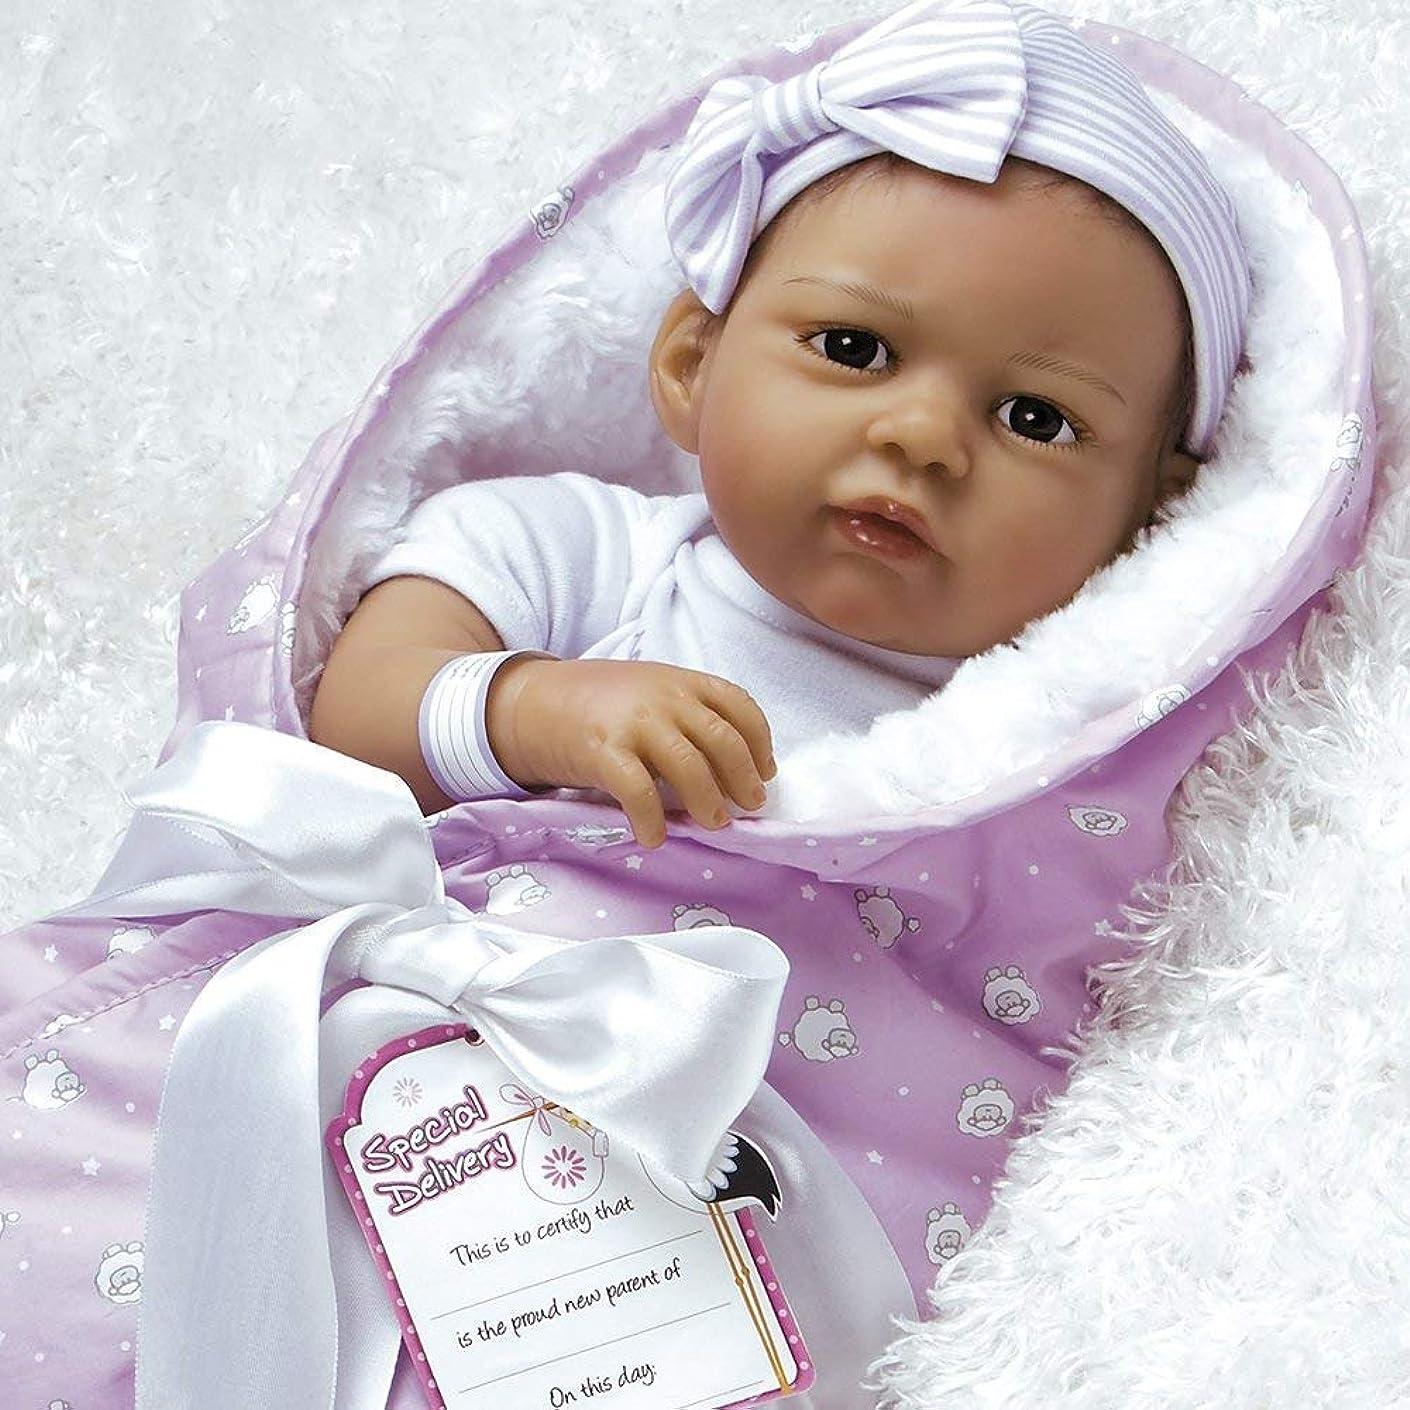 円形疎外するチャンバーパラダイスギャラリーReal Life新生児Great to Rebornベビー人形、エスニック& Hispanic人形、赤ちゃん束: The Princess Has Arrived Girl Doll Crafted in silicone...